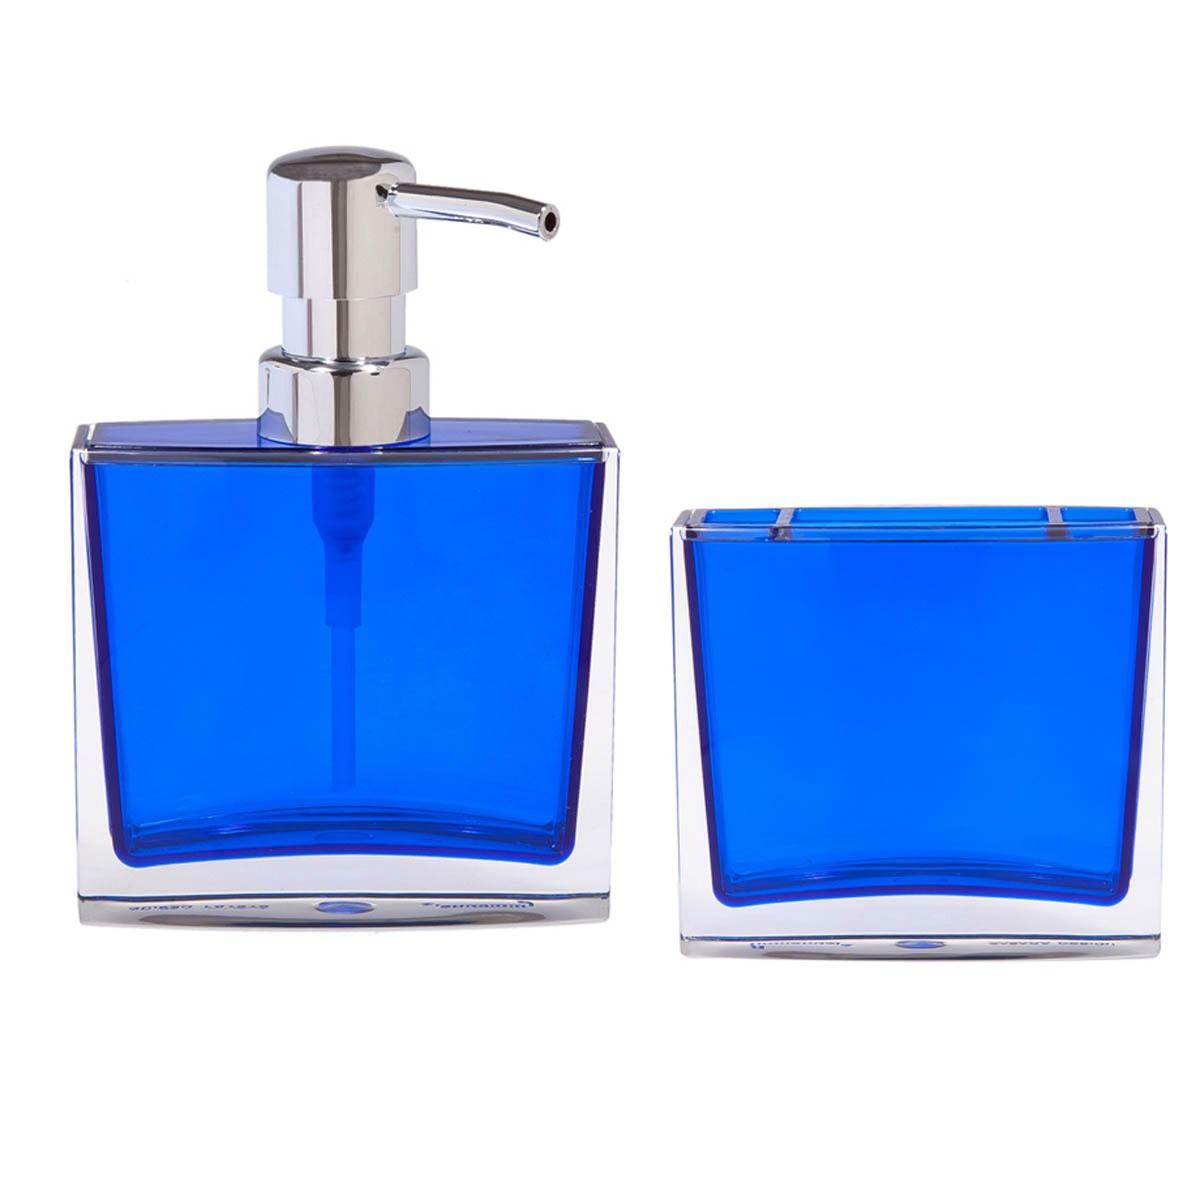 Αξεσουάρ Μπάνιου (Σετ 2τμχ) Marva Transparent Blue 508003